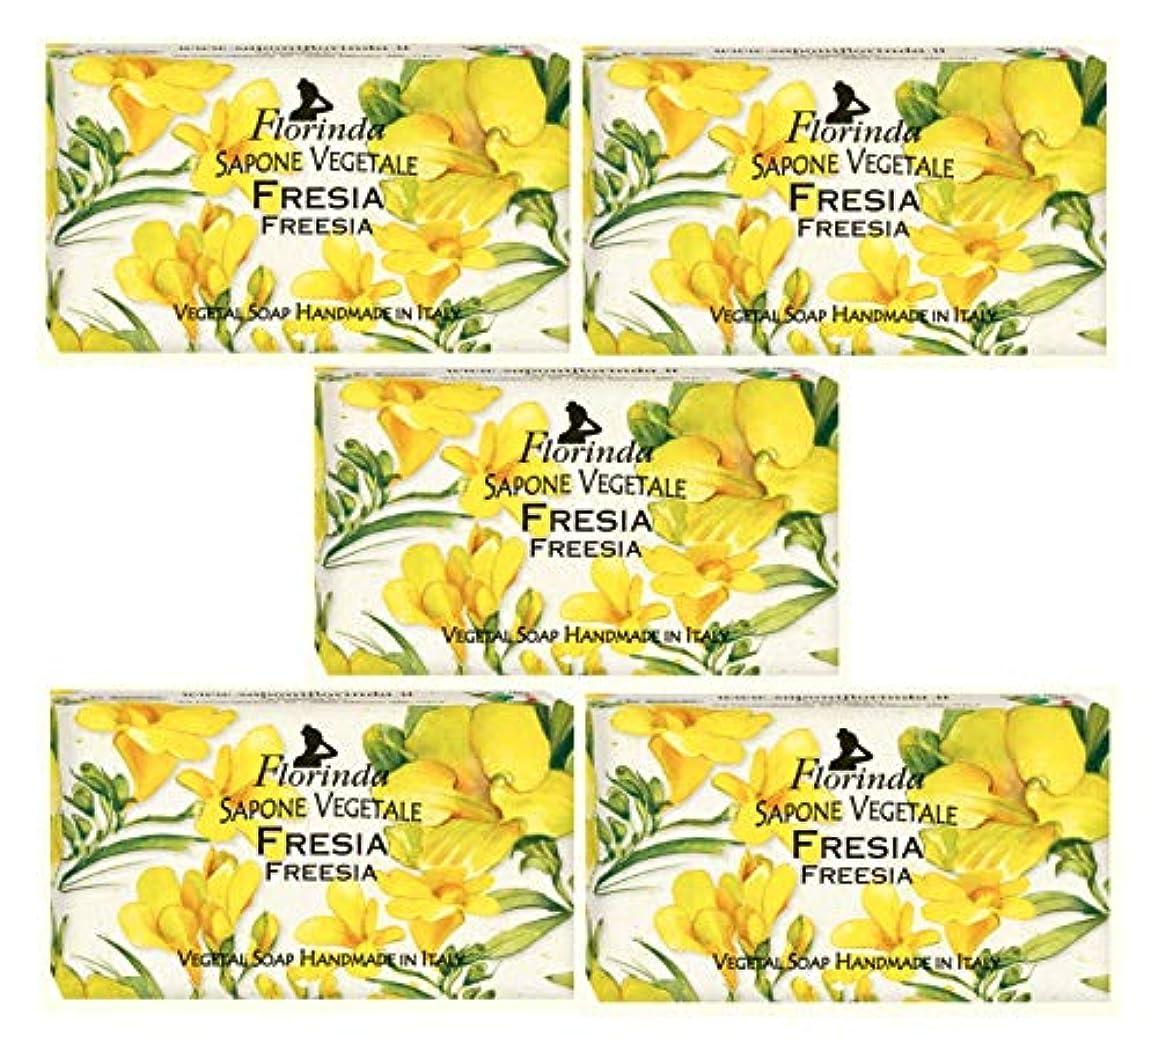 マカダム家庭野生フロリンダ フレグランスソープ 固形石けん 花の香り フリージア 95g×5個セット